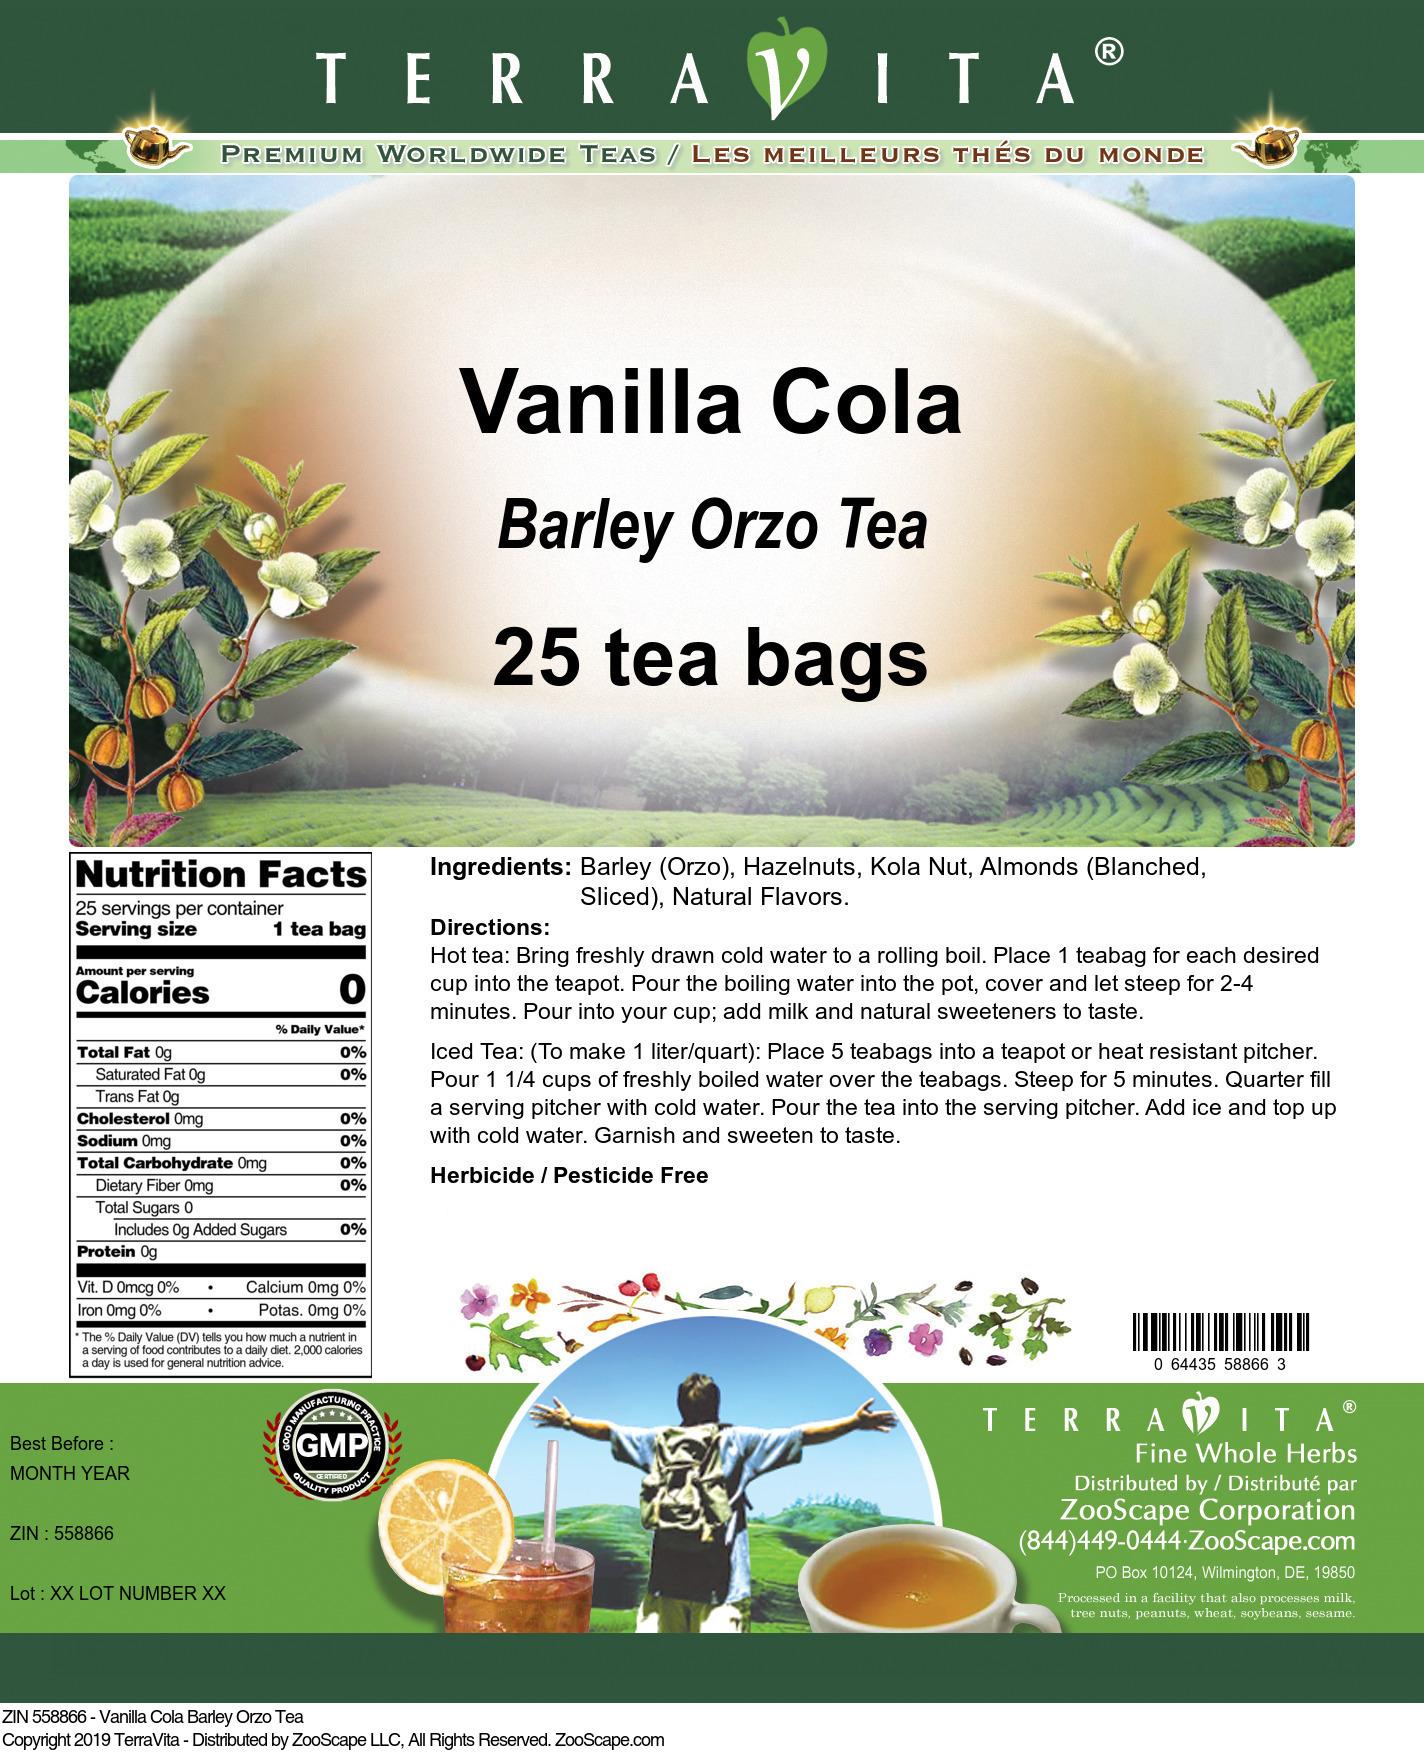 Vanilla Cola Barley Orzo Tea